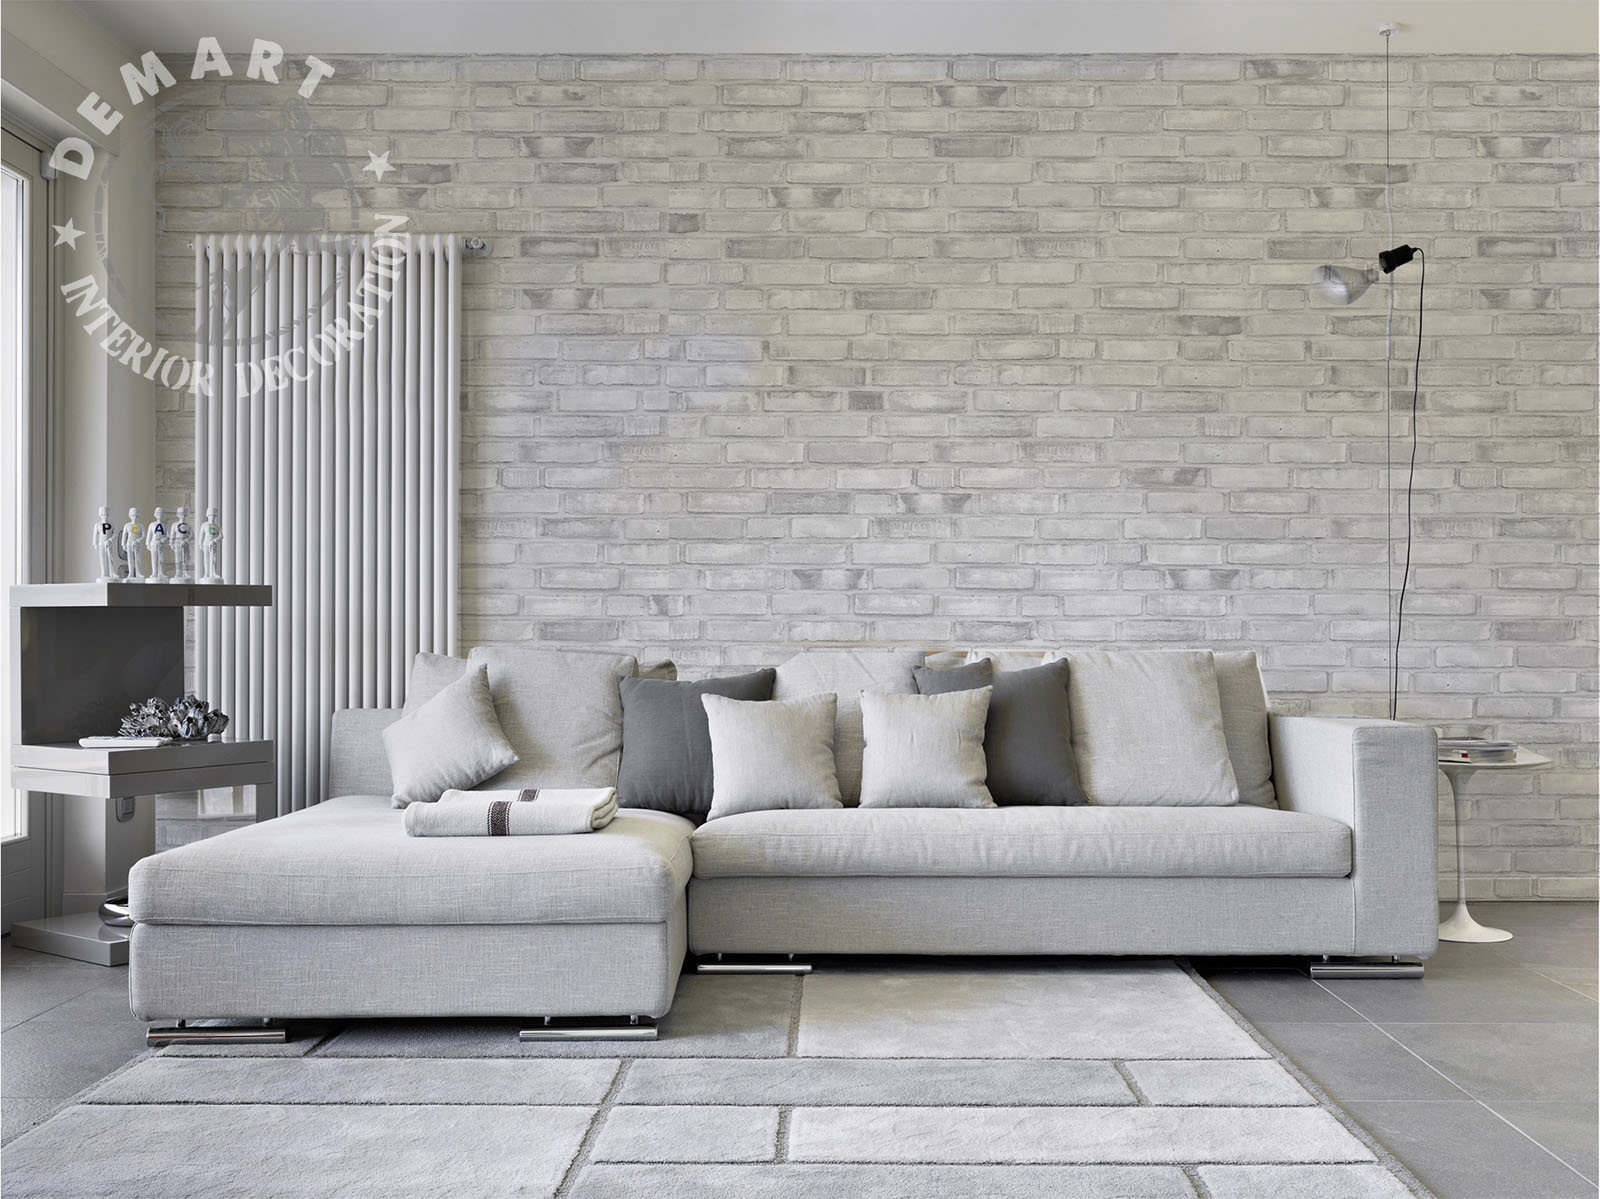 carta-parati-3d-parete-mattoni-soggiorno